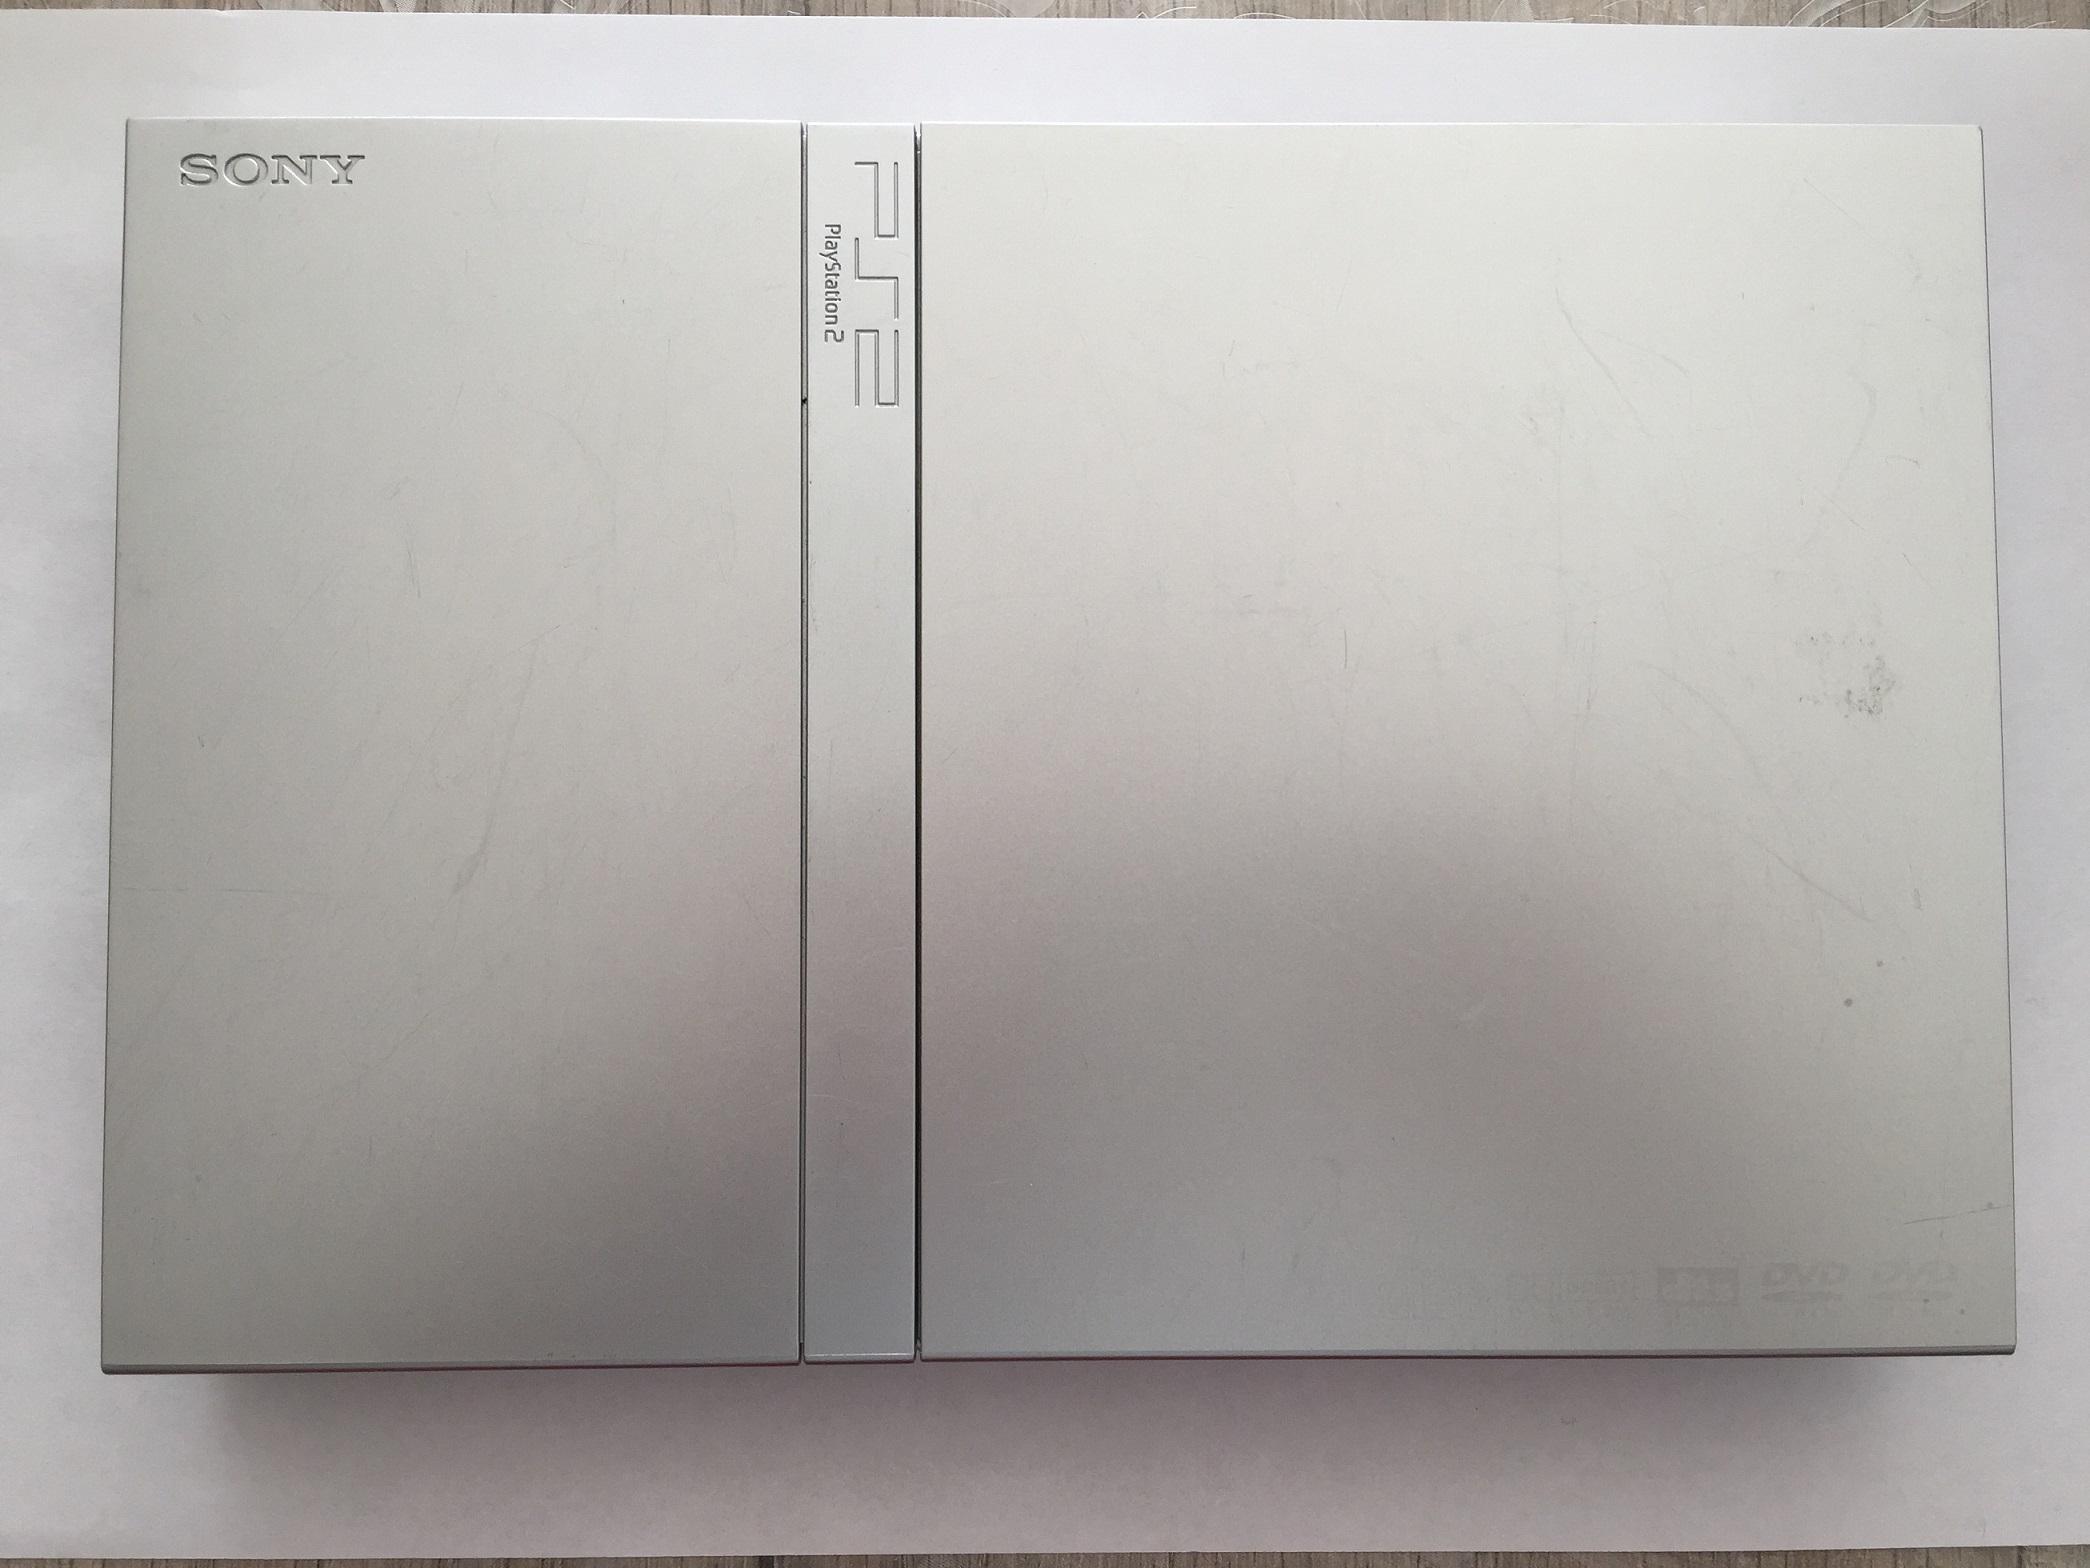 Pièce détachée console de jeu Sony Playstation 2 PS2 Slim SCPH-75004